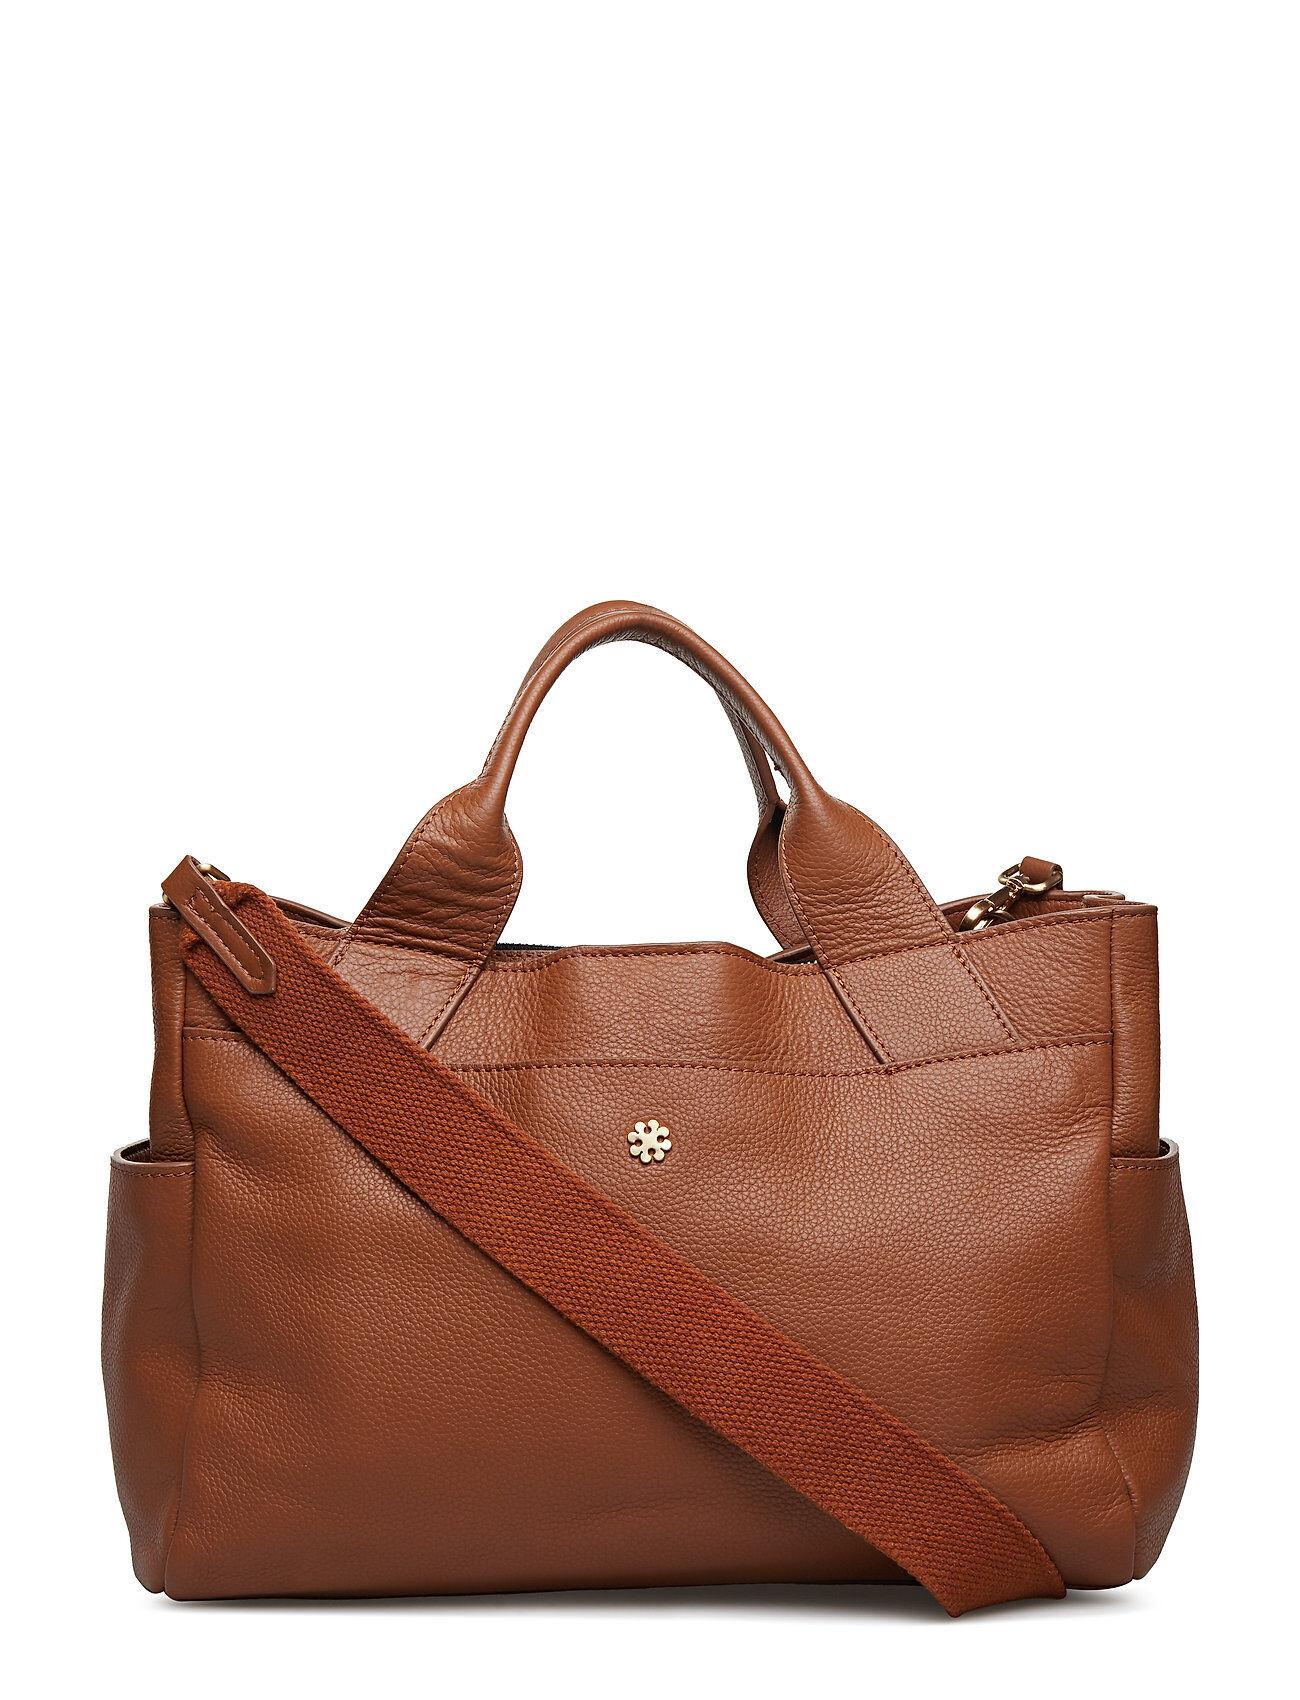 DAY et Day Bring Bag